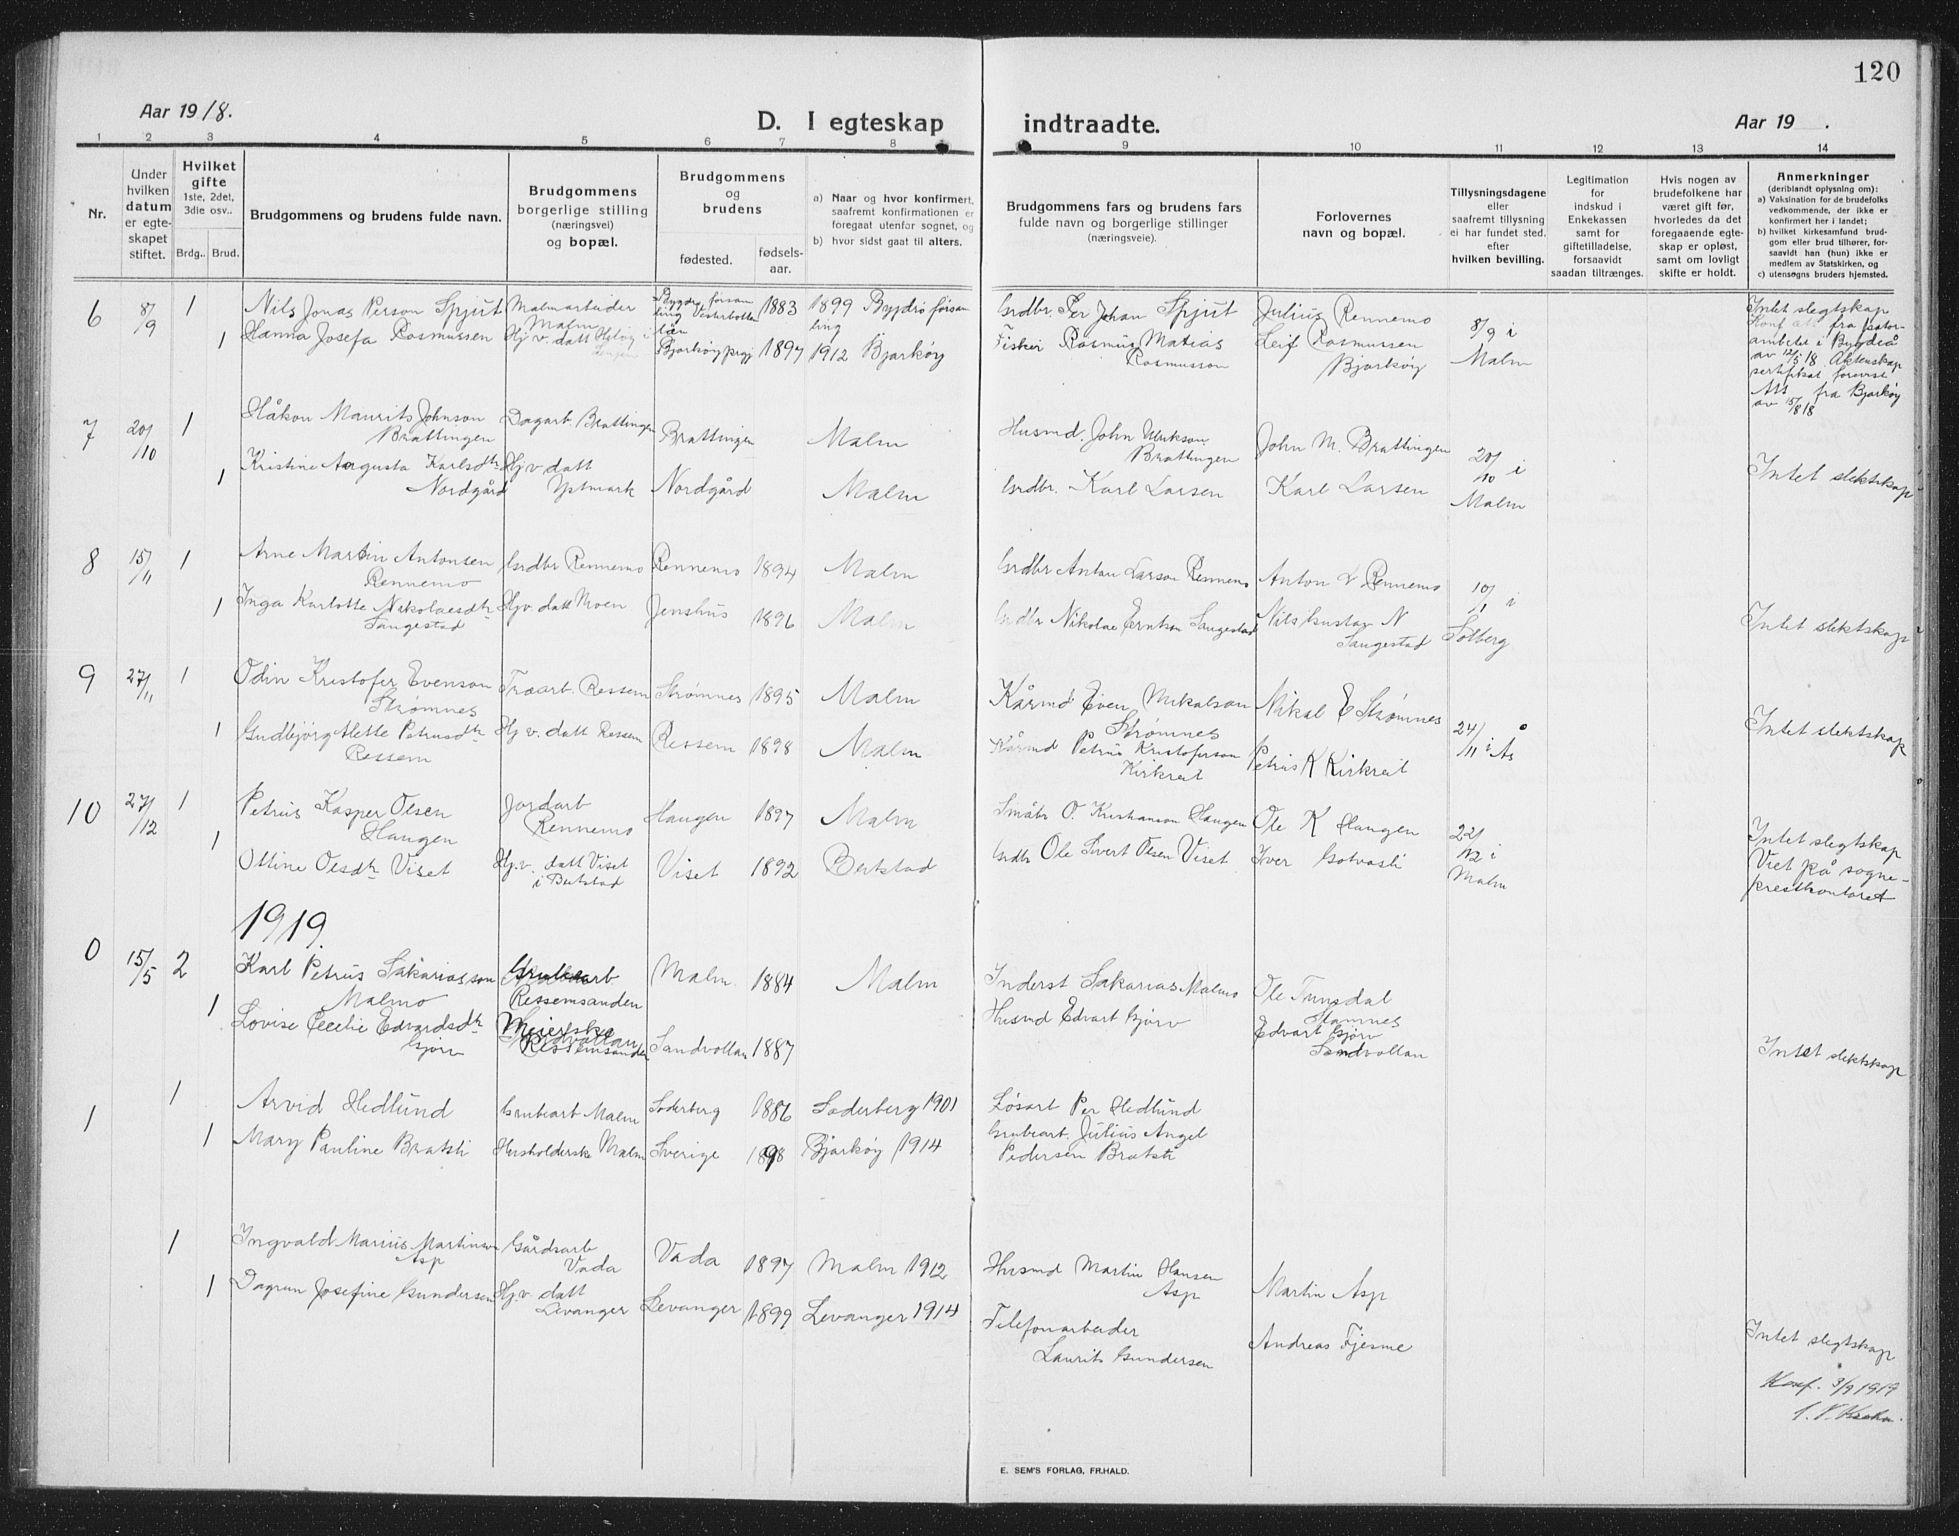 SAT, Ministerialprotokoller, klokkerbøker og fødselsregistre - Nord-Trøndelag, 745/L0434: Klokkerbok nr. 745C03, 1914-1937, s. 120